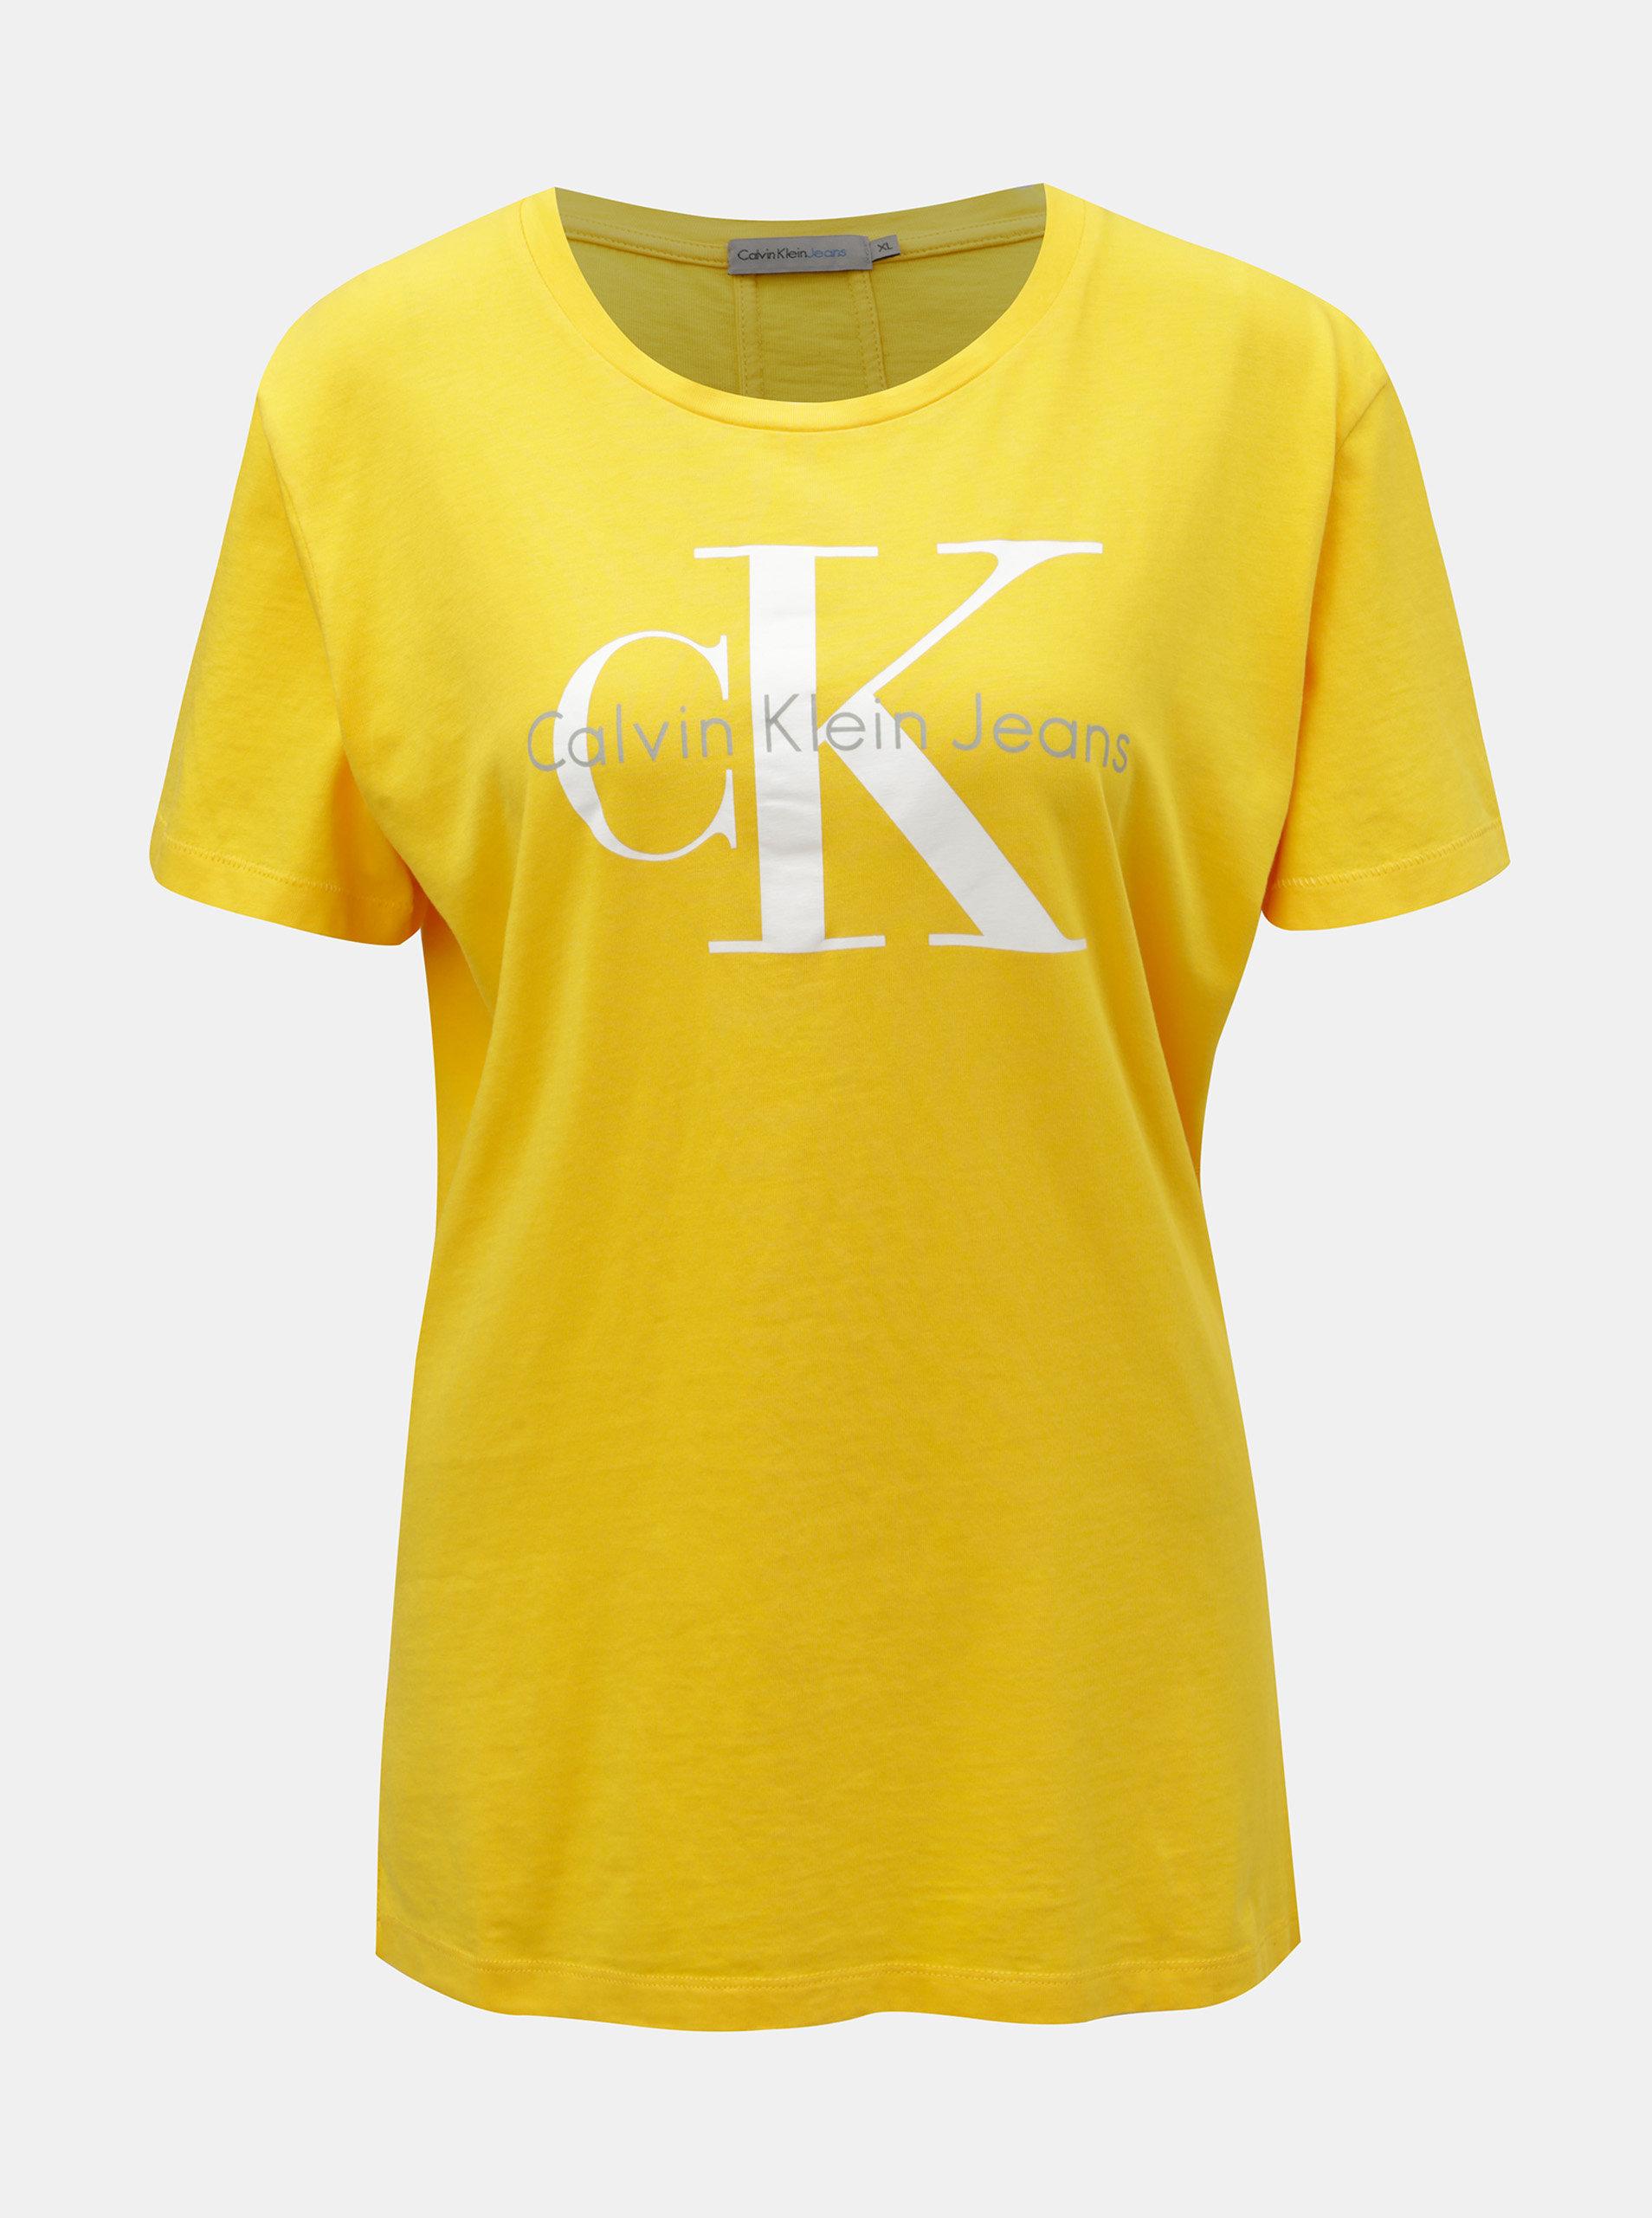 Žluté dámské tričko s potiskem Calvin Klein Jeans ... 3b479ba94d